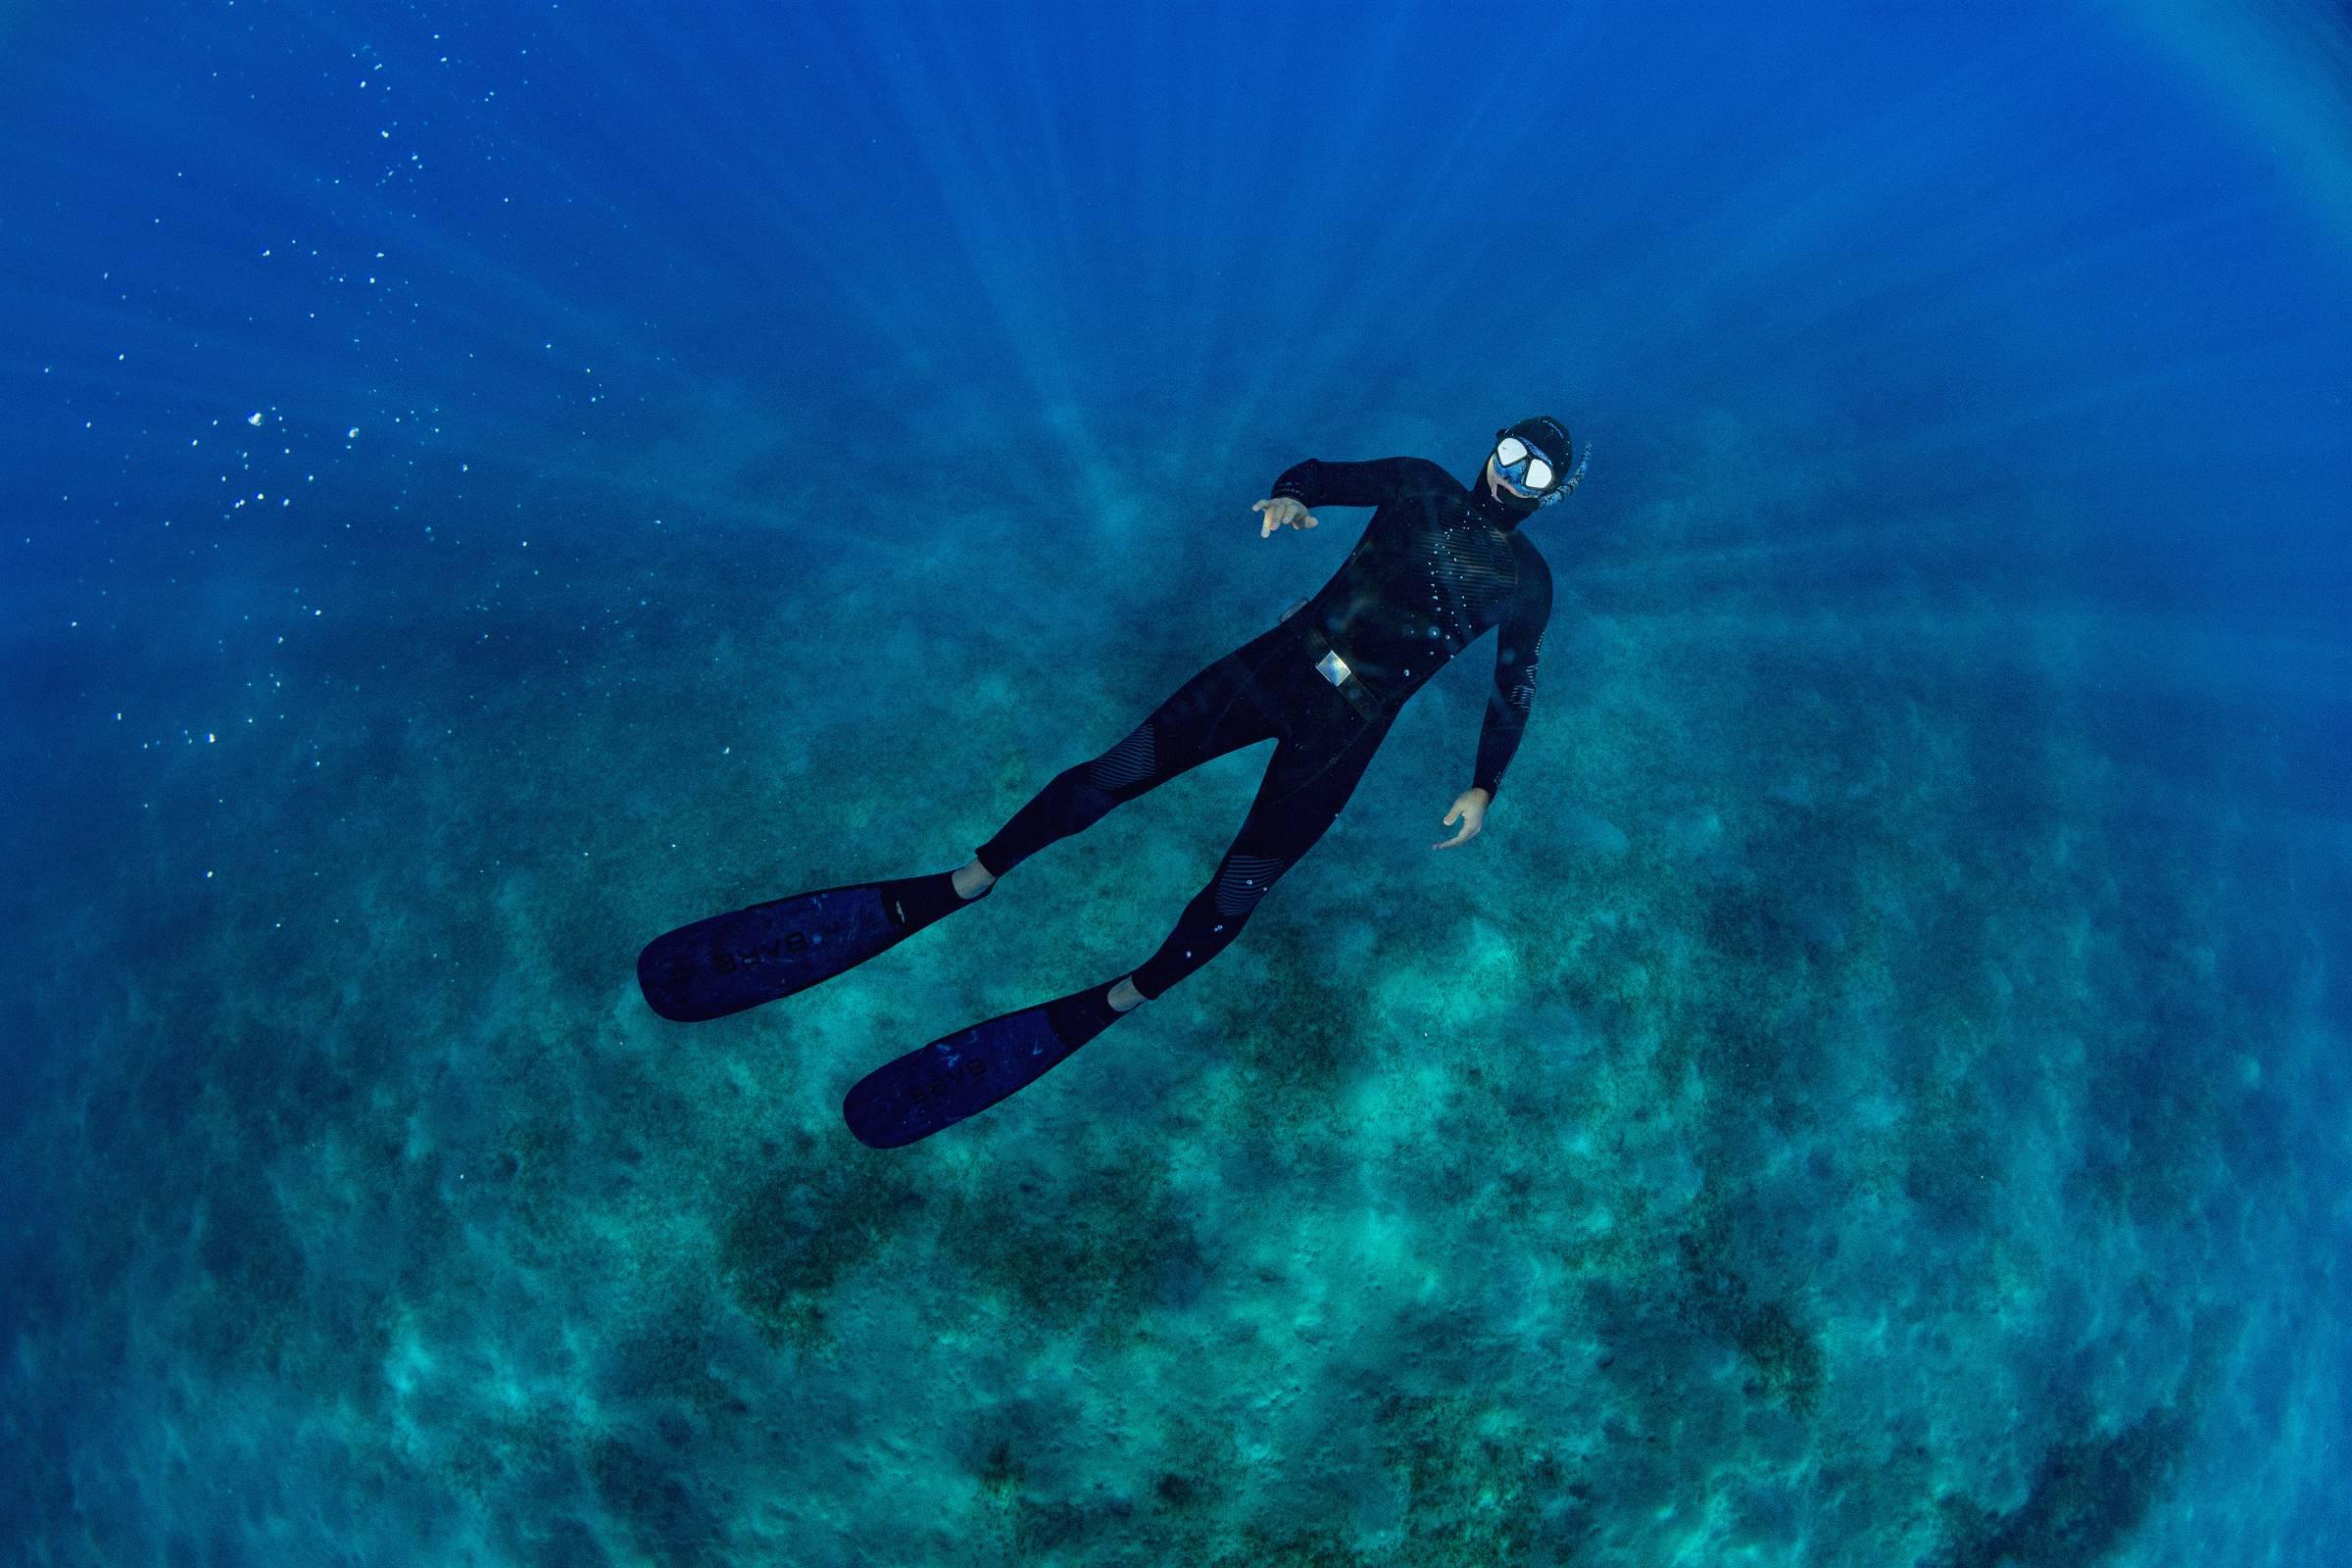 Oceanic-predator-series-diving-kit